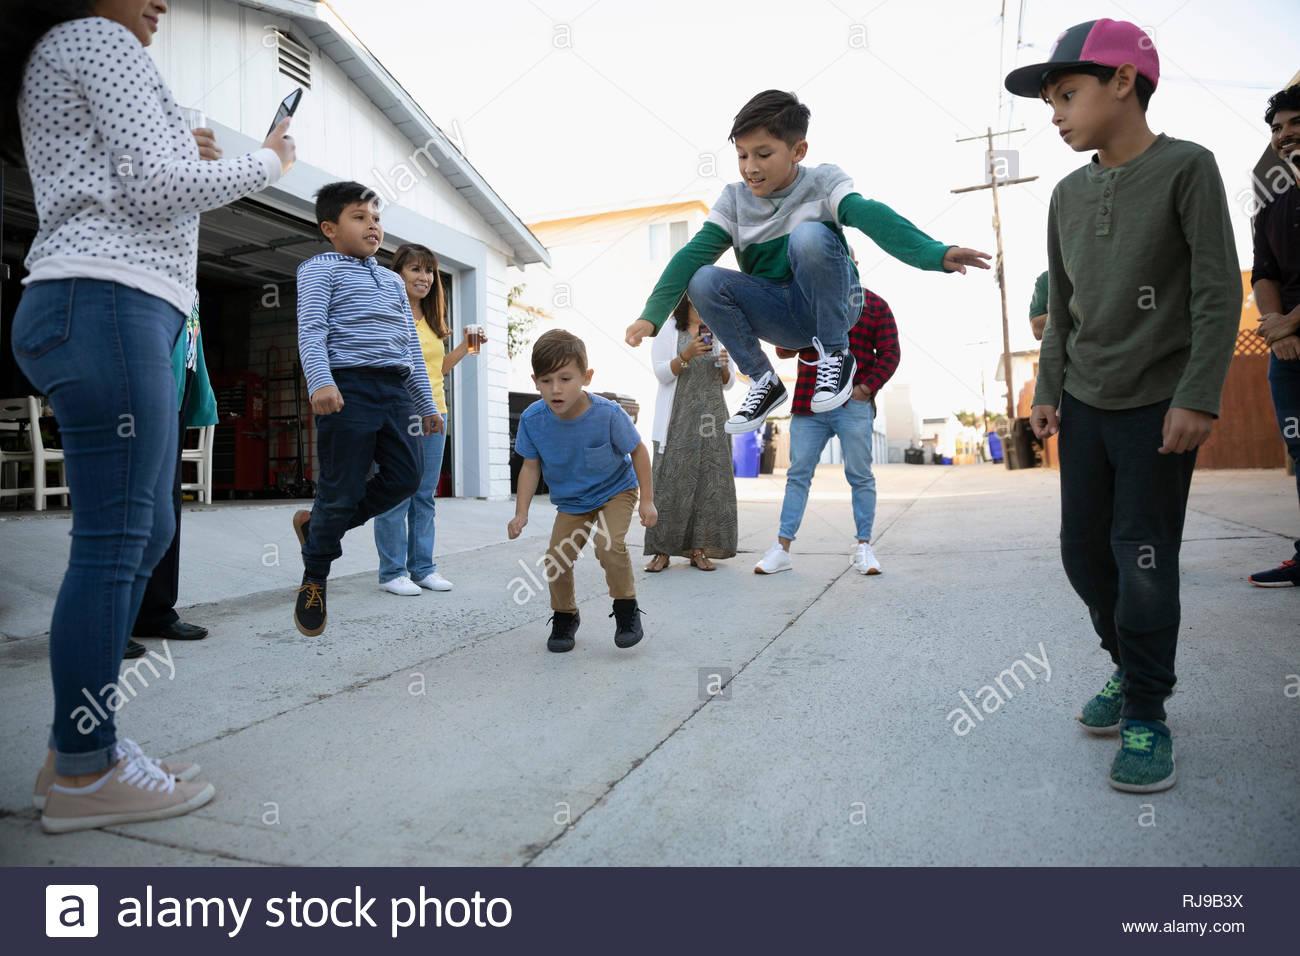 Latinx muchachos jugando, bailando en el callejón Imagen De Stock